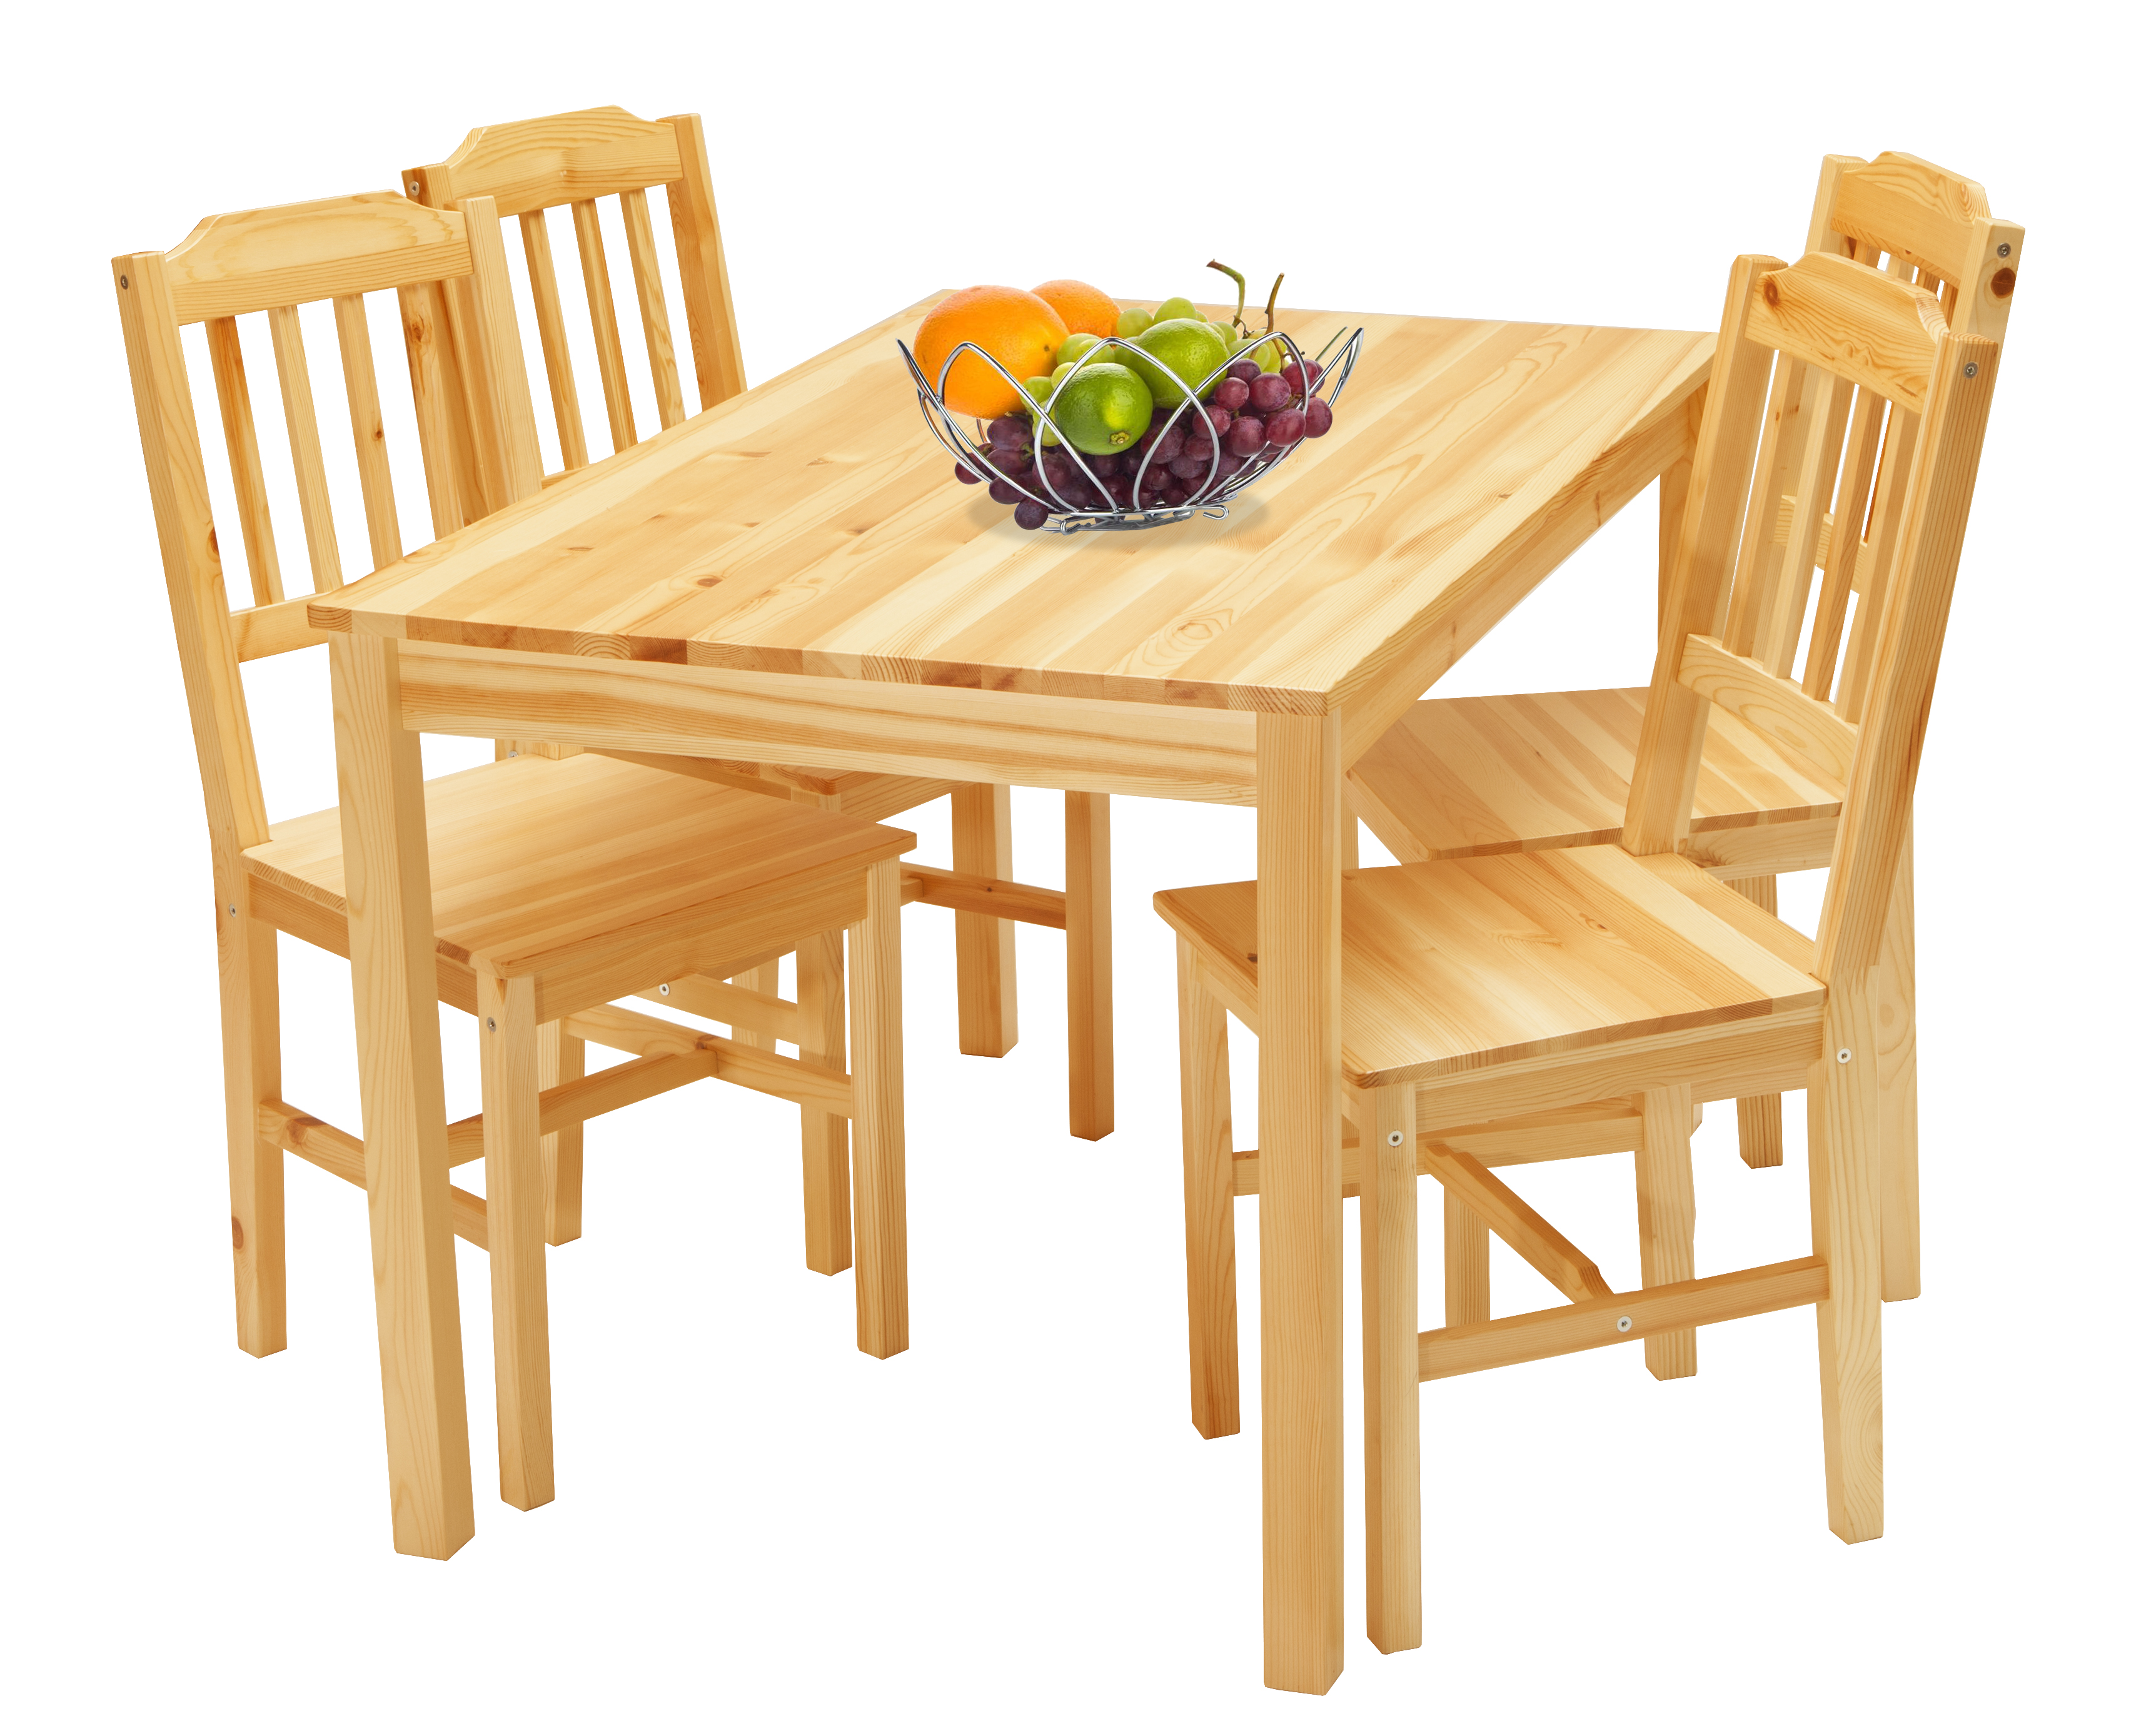 Julians Tischgruppe 118x76 mit 4 Stühlen